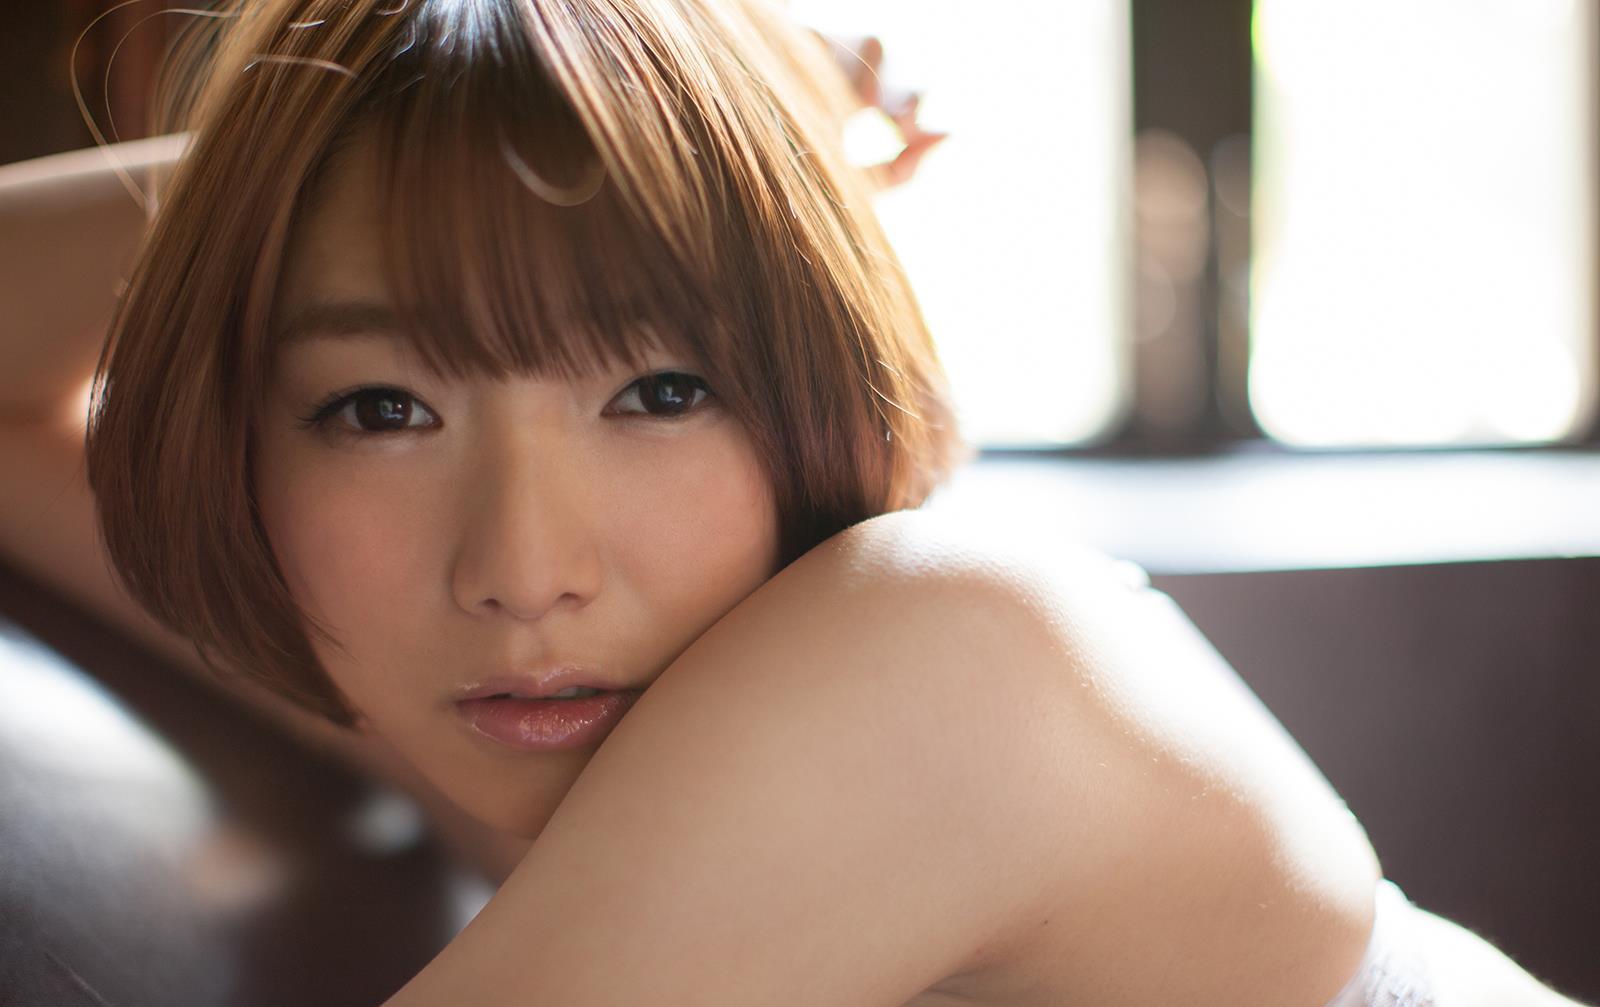 涼川絢音 Eカップ 手足の長い色白ロリ顔で美少女な着エロアイドルAV女優画像 107枚 No.76